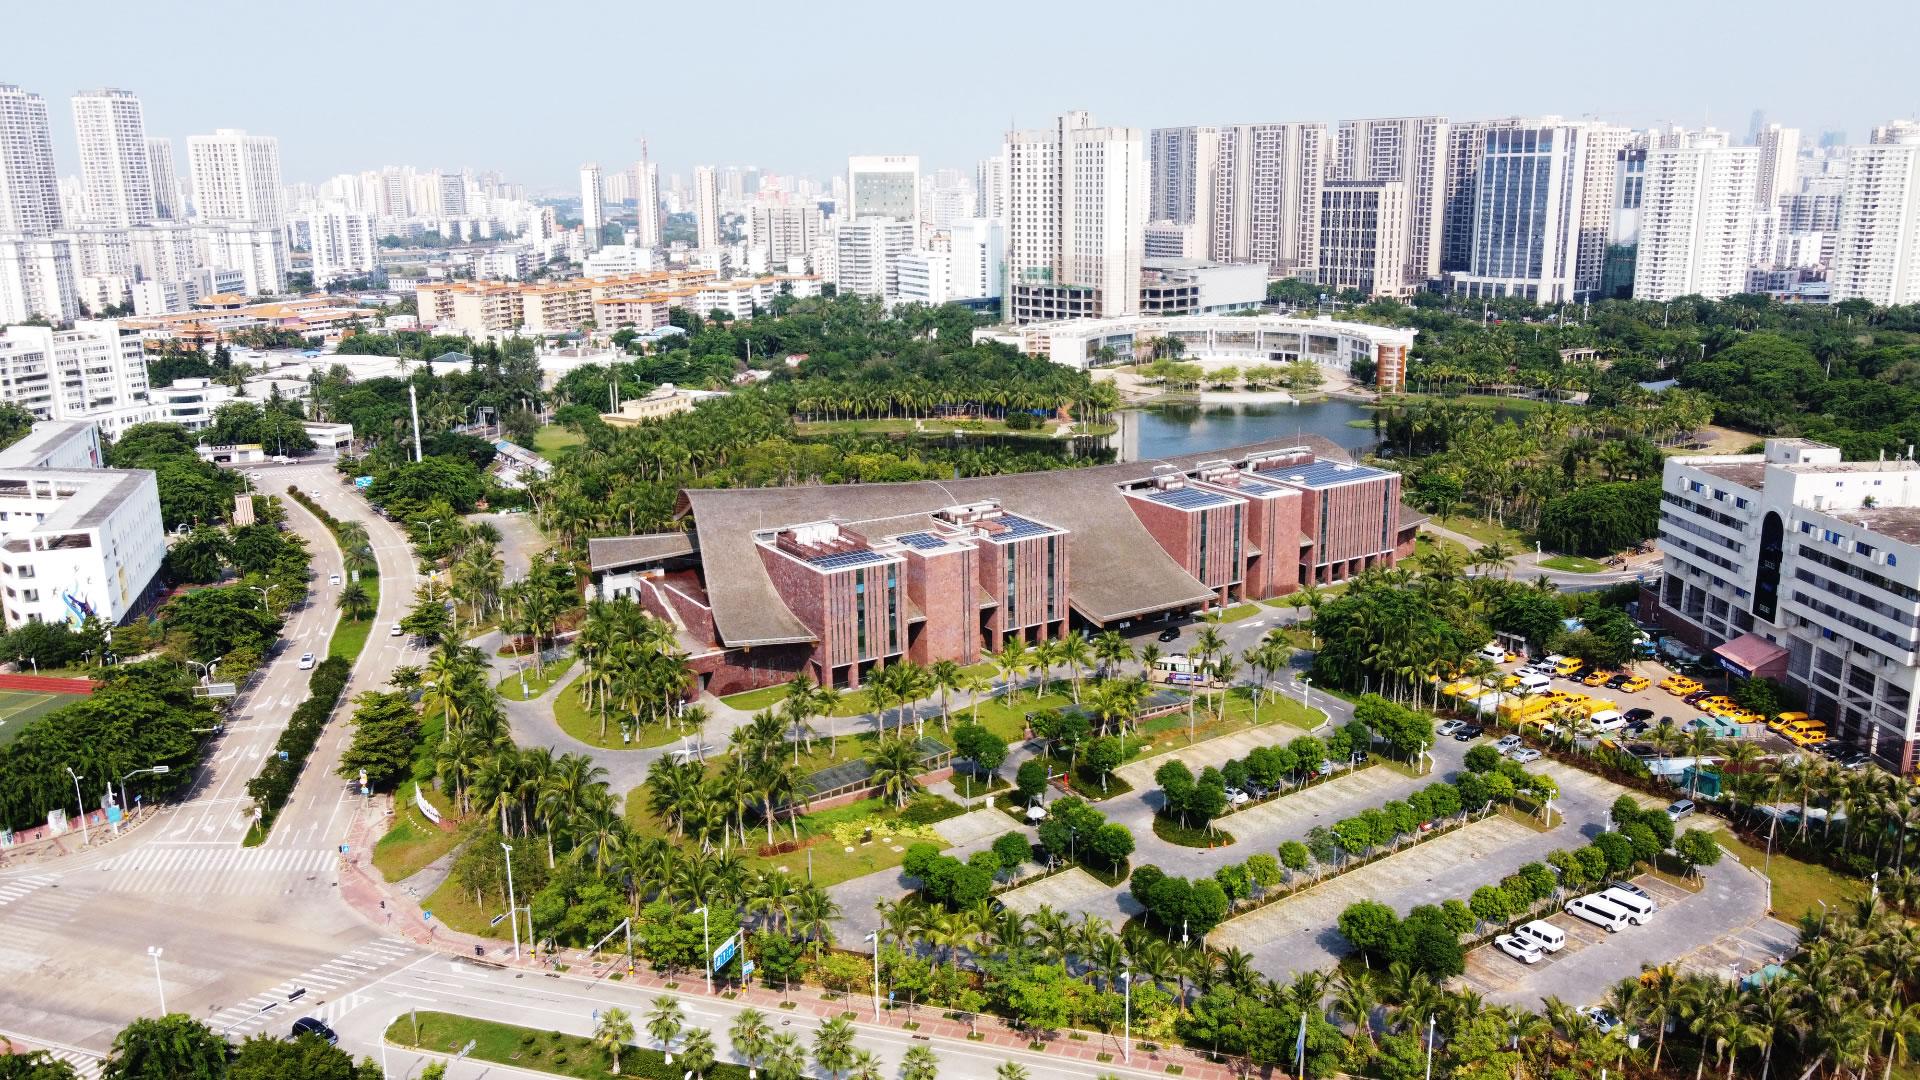 制度集成创新 推动海南自贸港建设